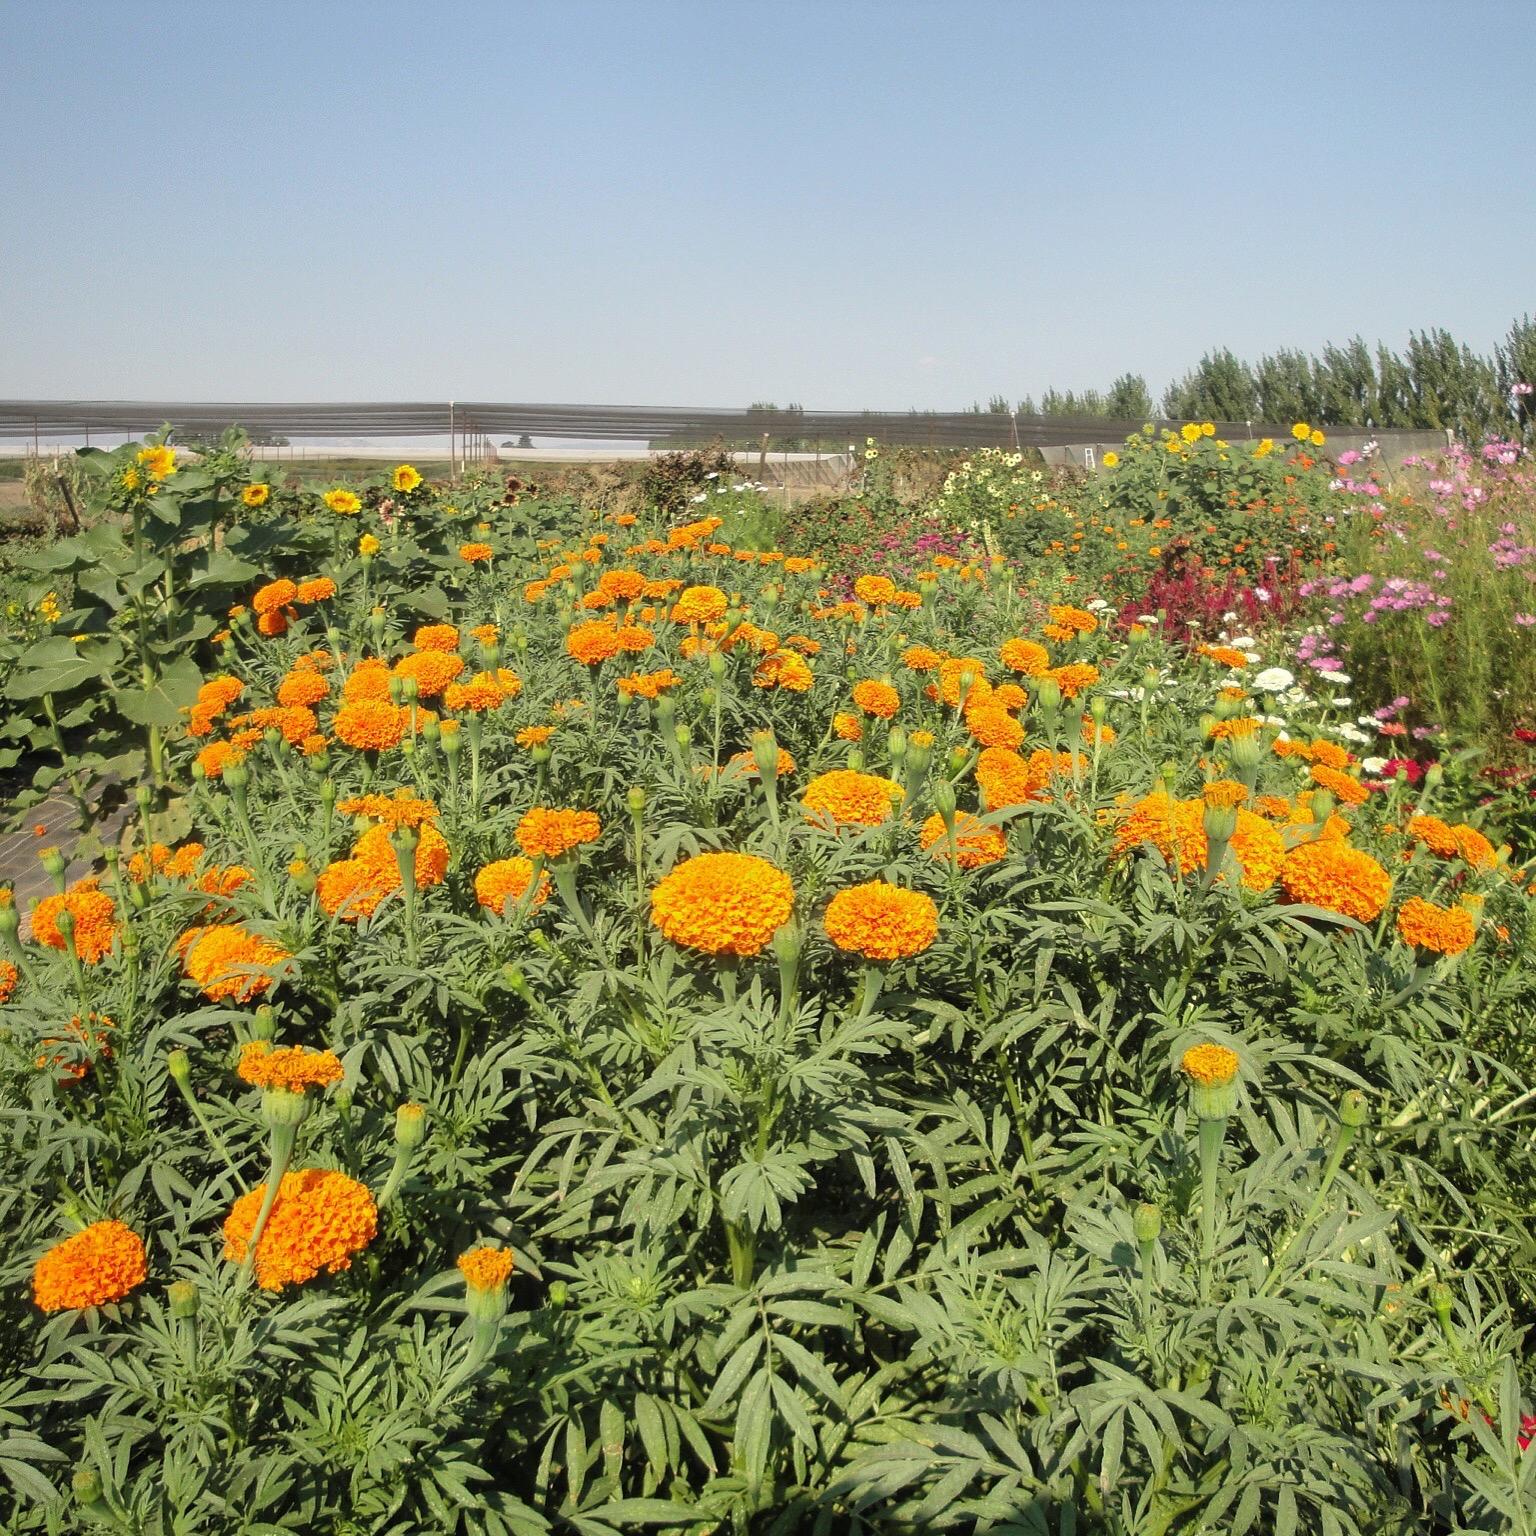 Marigolds at their peak